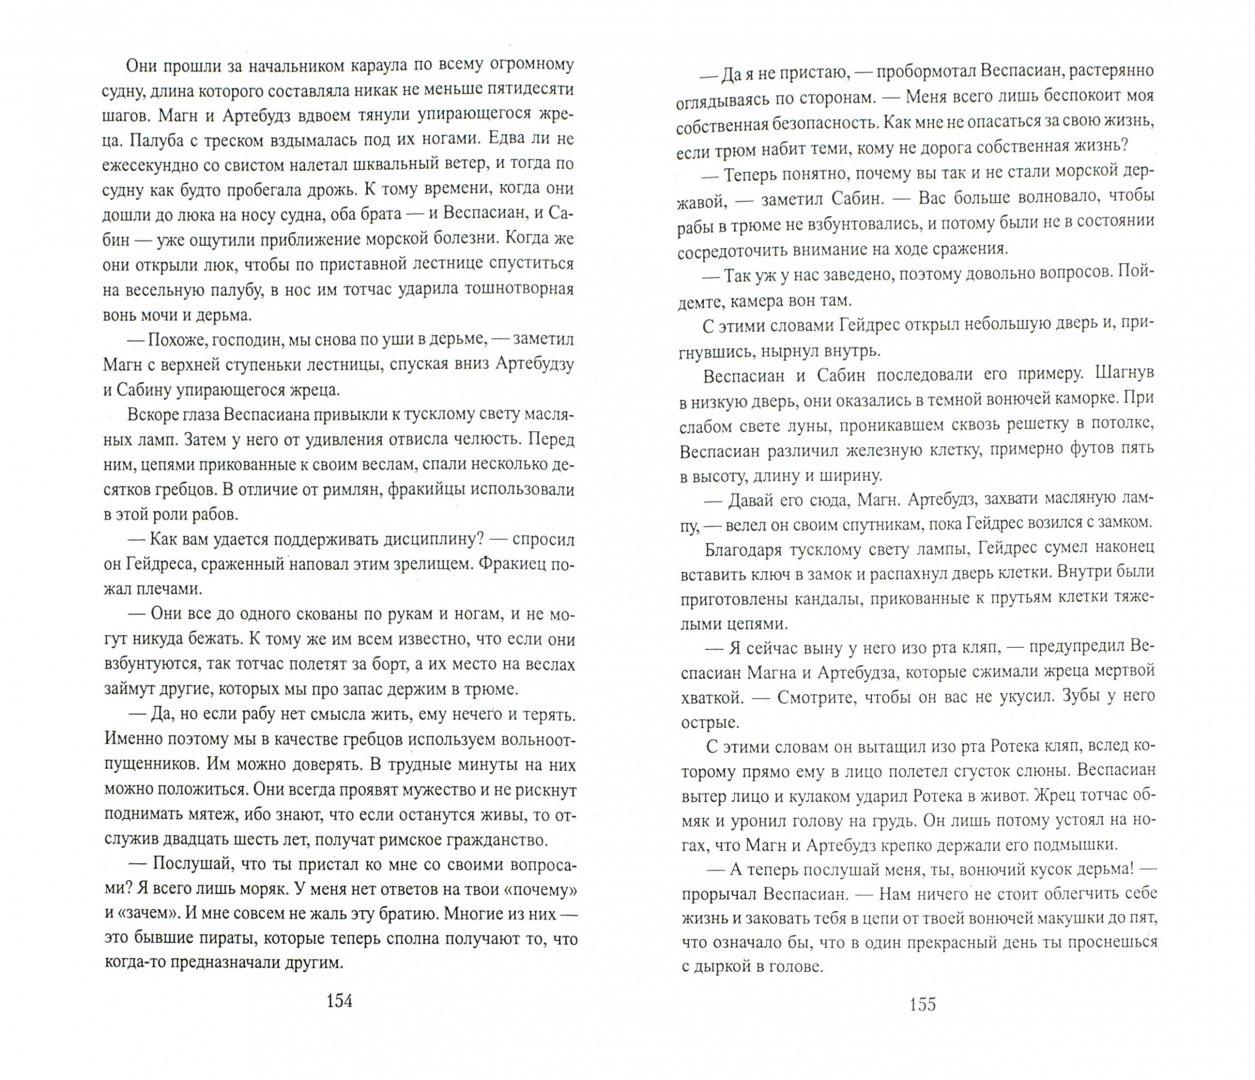 Иллюстрация 1 из 24 для Веспасиан. Палач Рима - Роберт Фаббри | Лабиринт - книги. Источник: Лабиринт